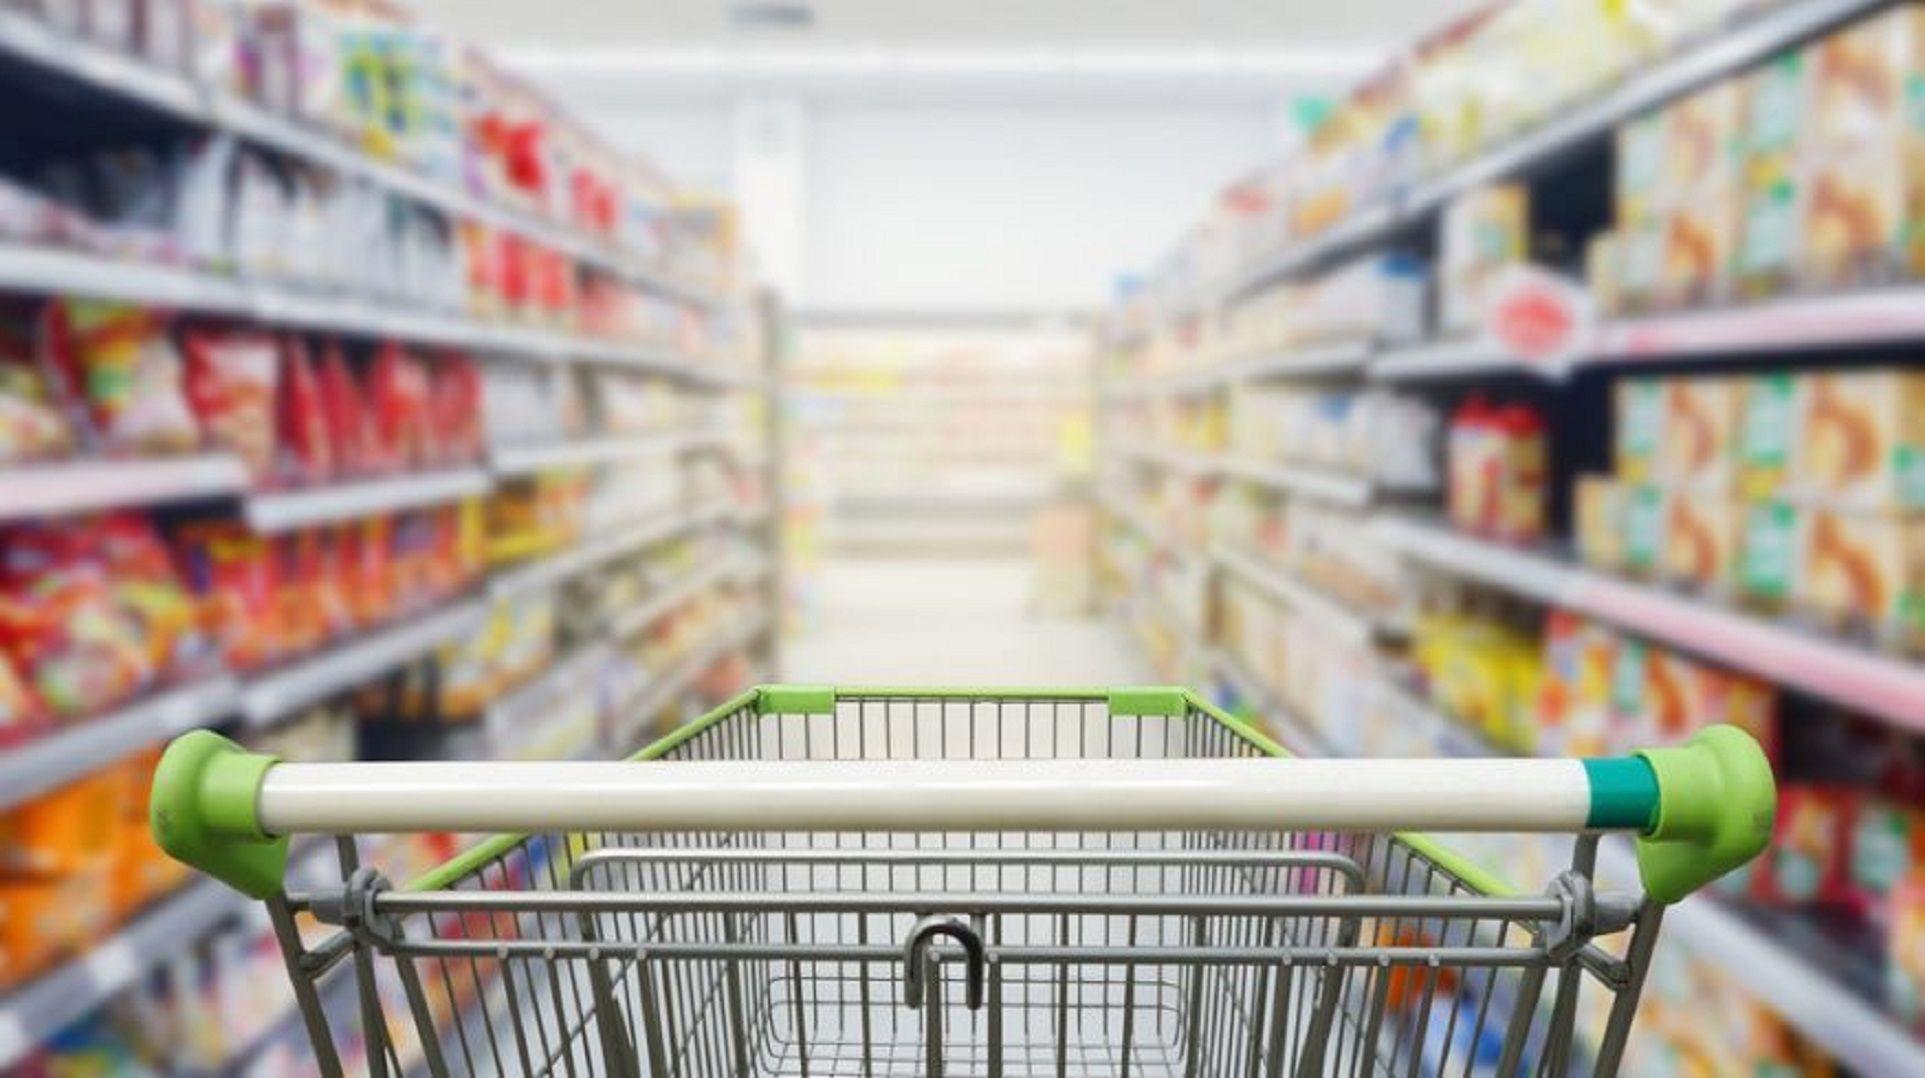 Las ventas de supermercados y shoppings cayeron por quinto mes consecutivo